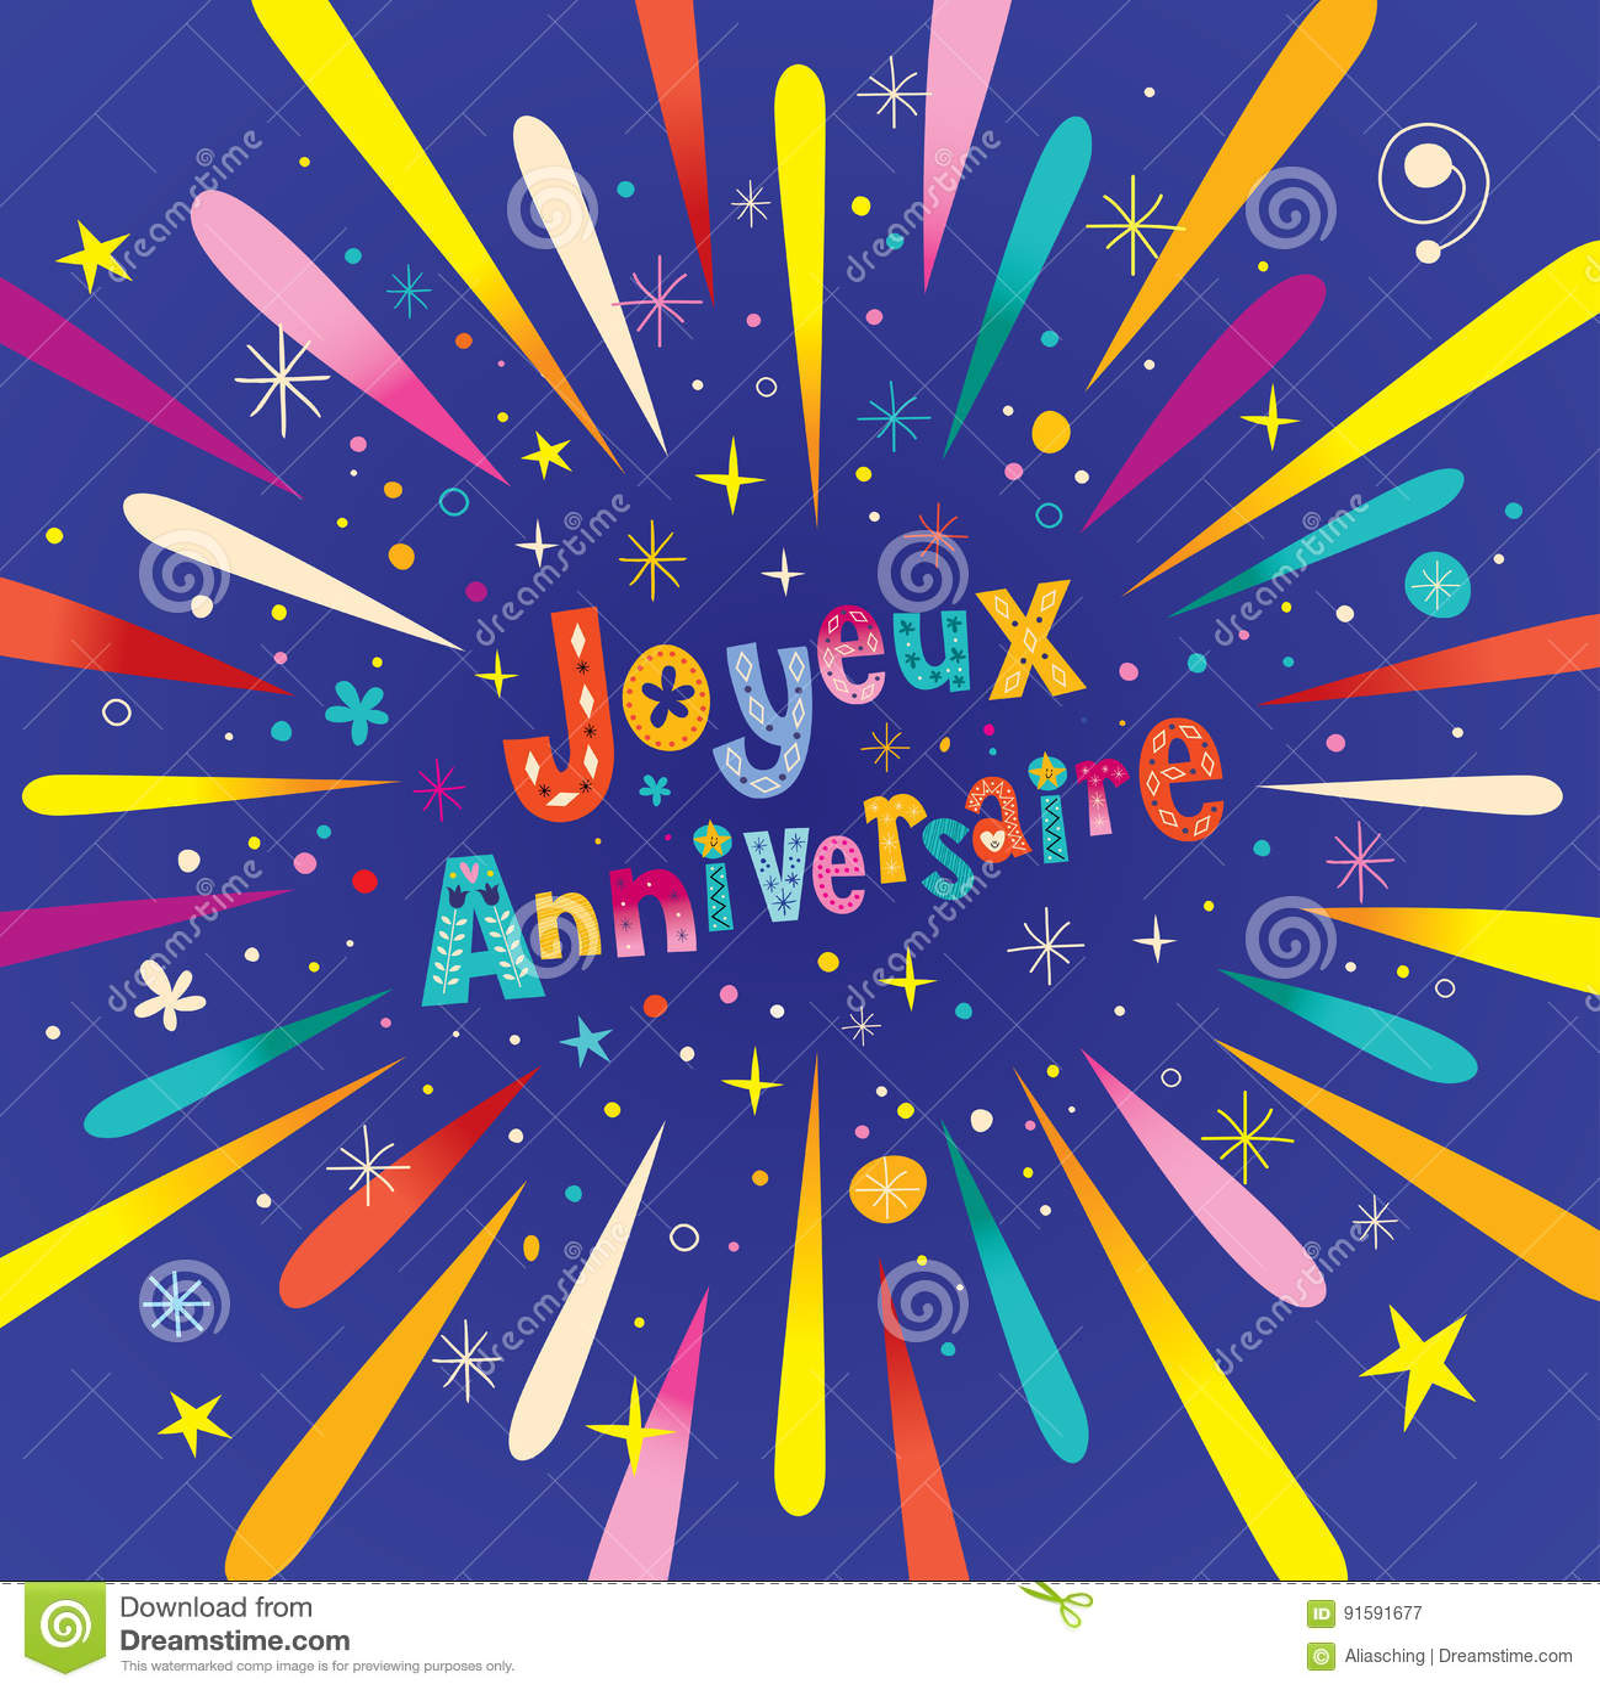 Buon Compleanno Di Joyeux Anniversaire Nella Cartolina D'auguri